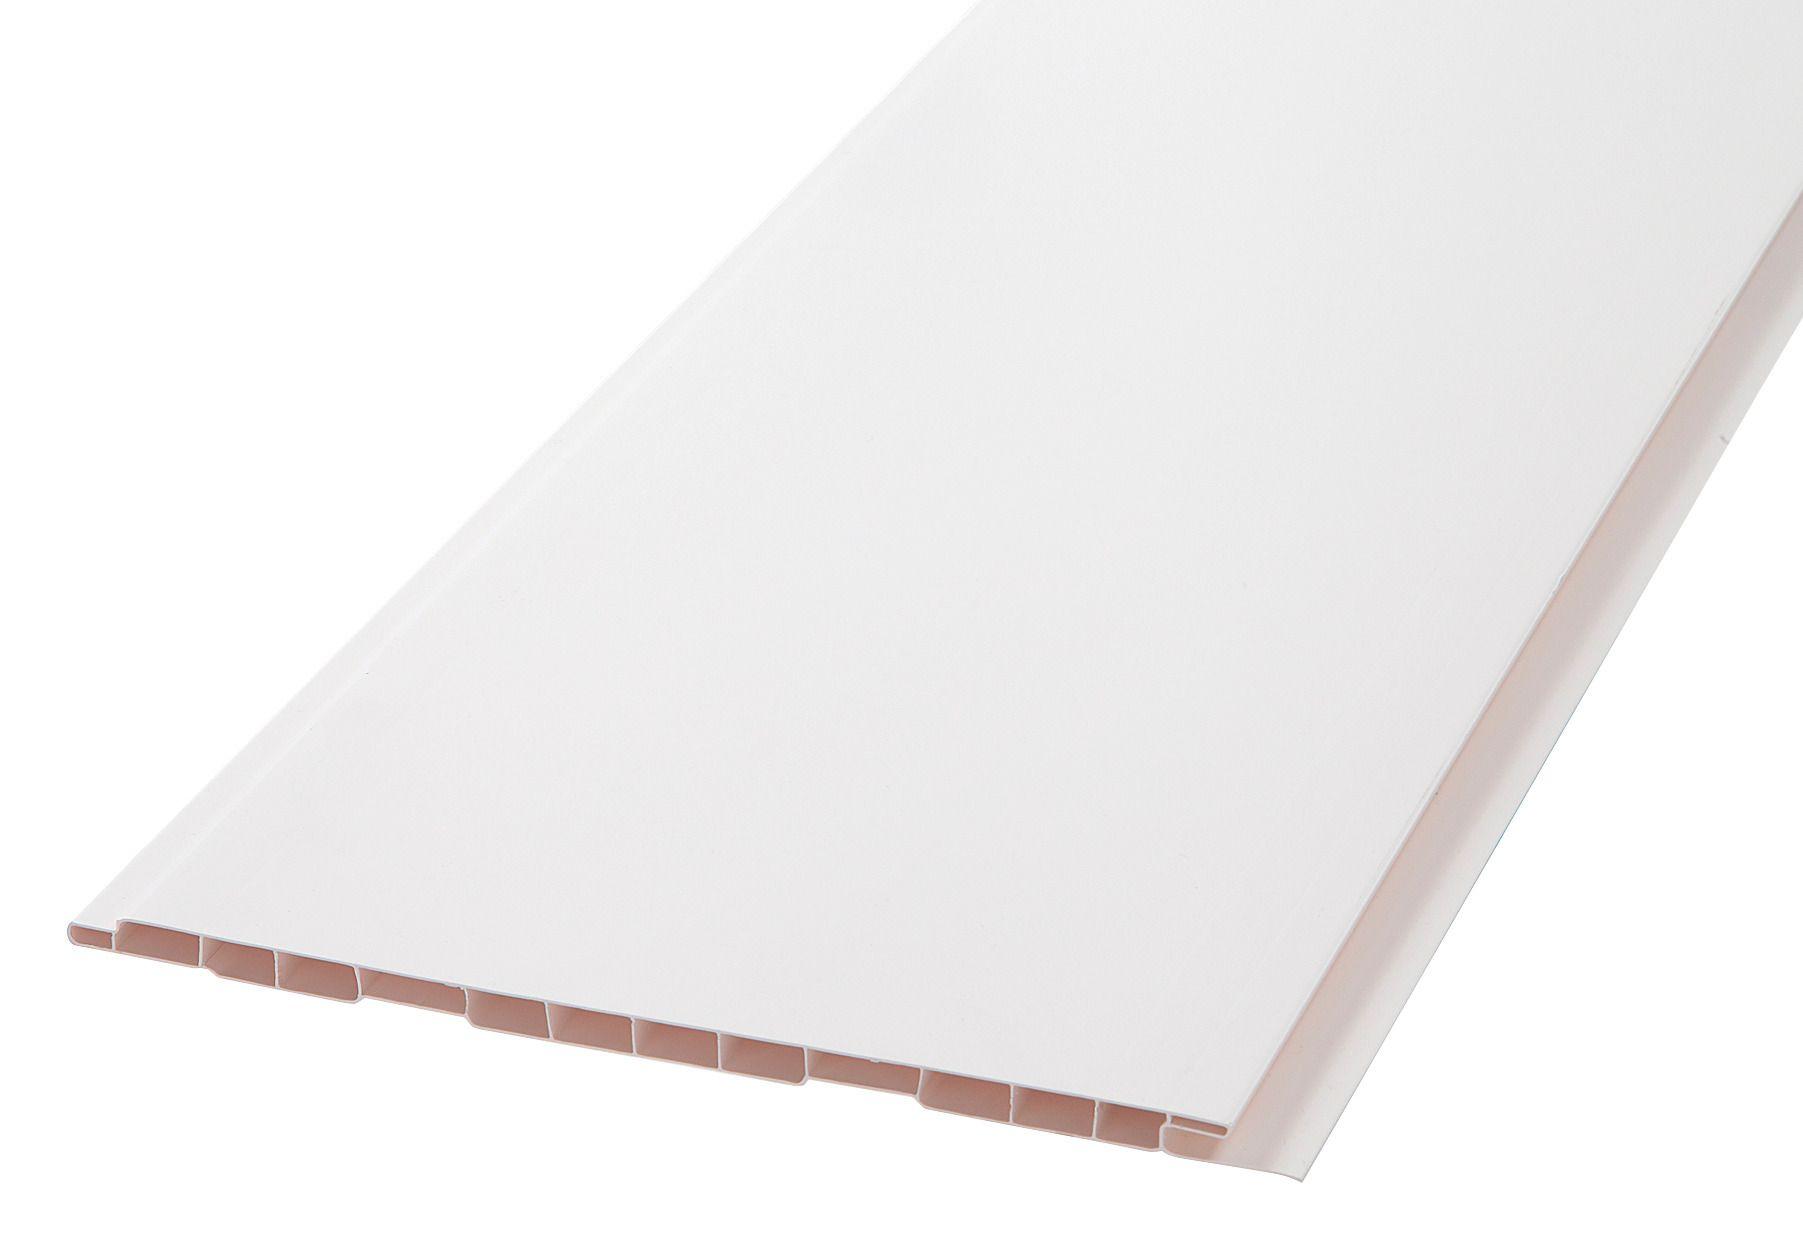 BAUKULIT Baukulit Verkleidungspaneele B 20 glatt Profiline, 2,7 m²